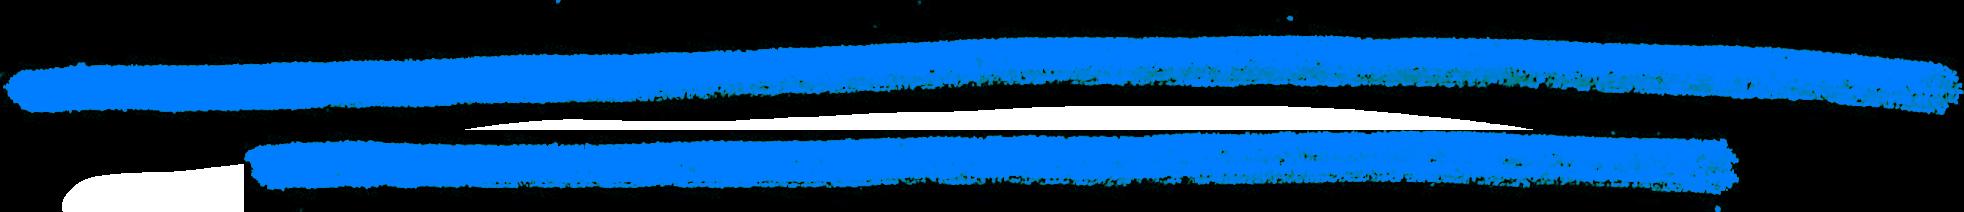 Blaue Strich Zeichnung